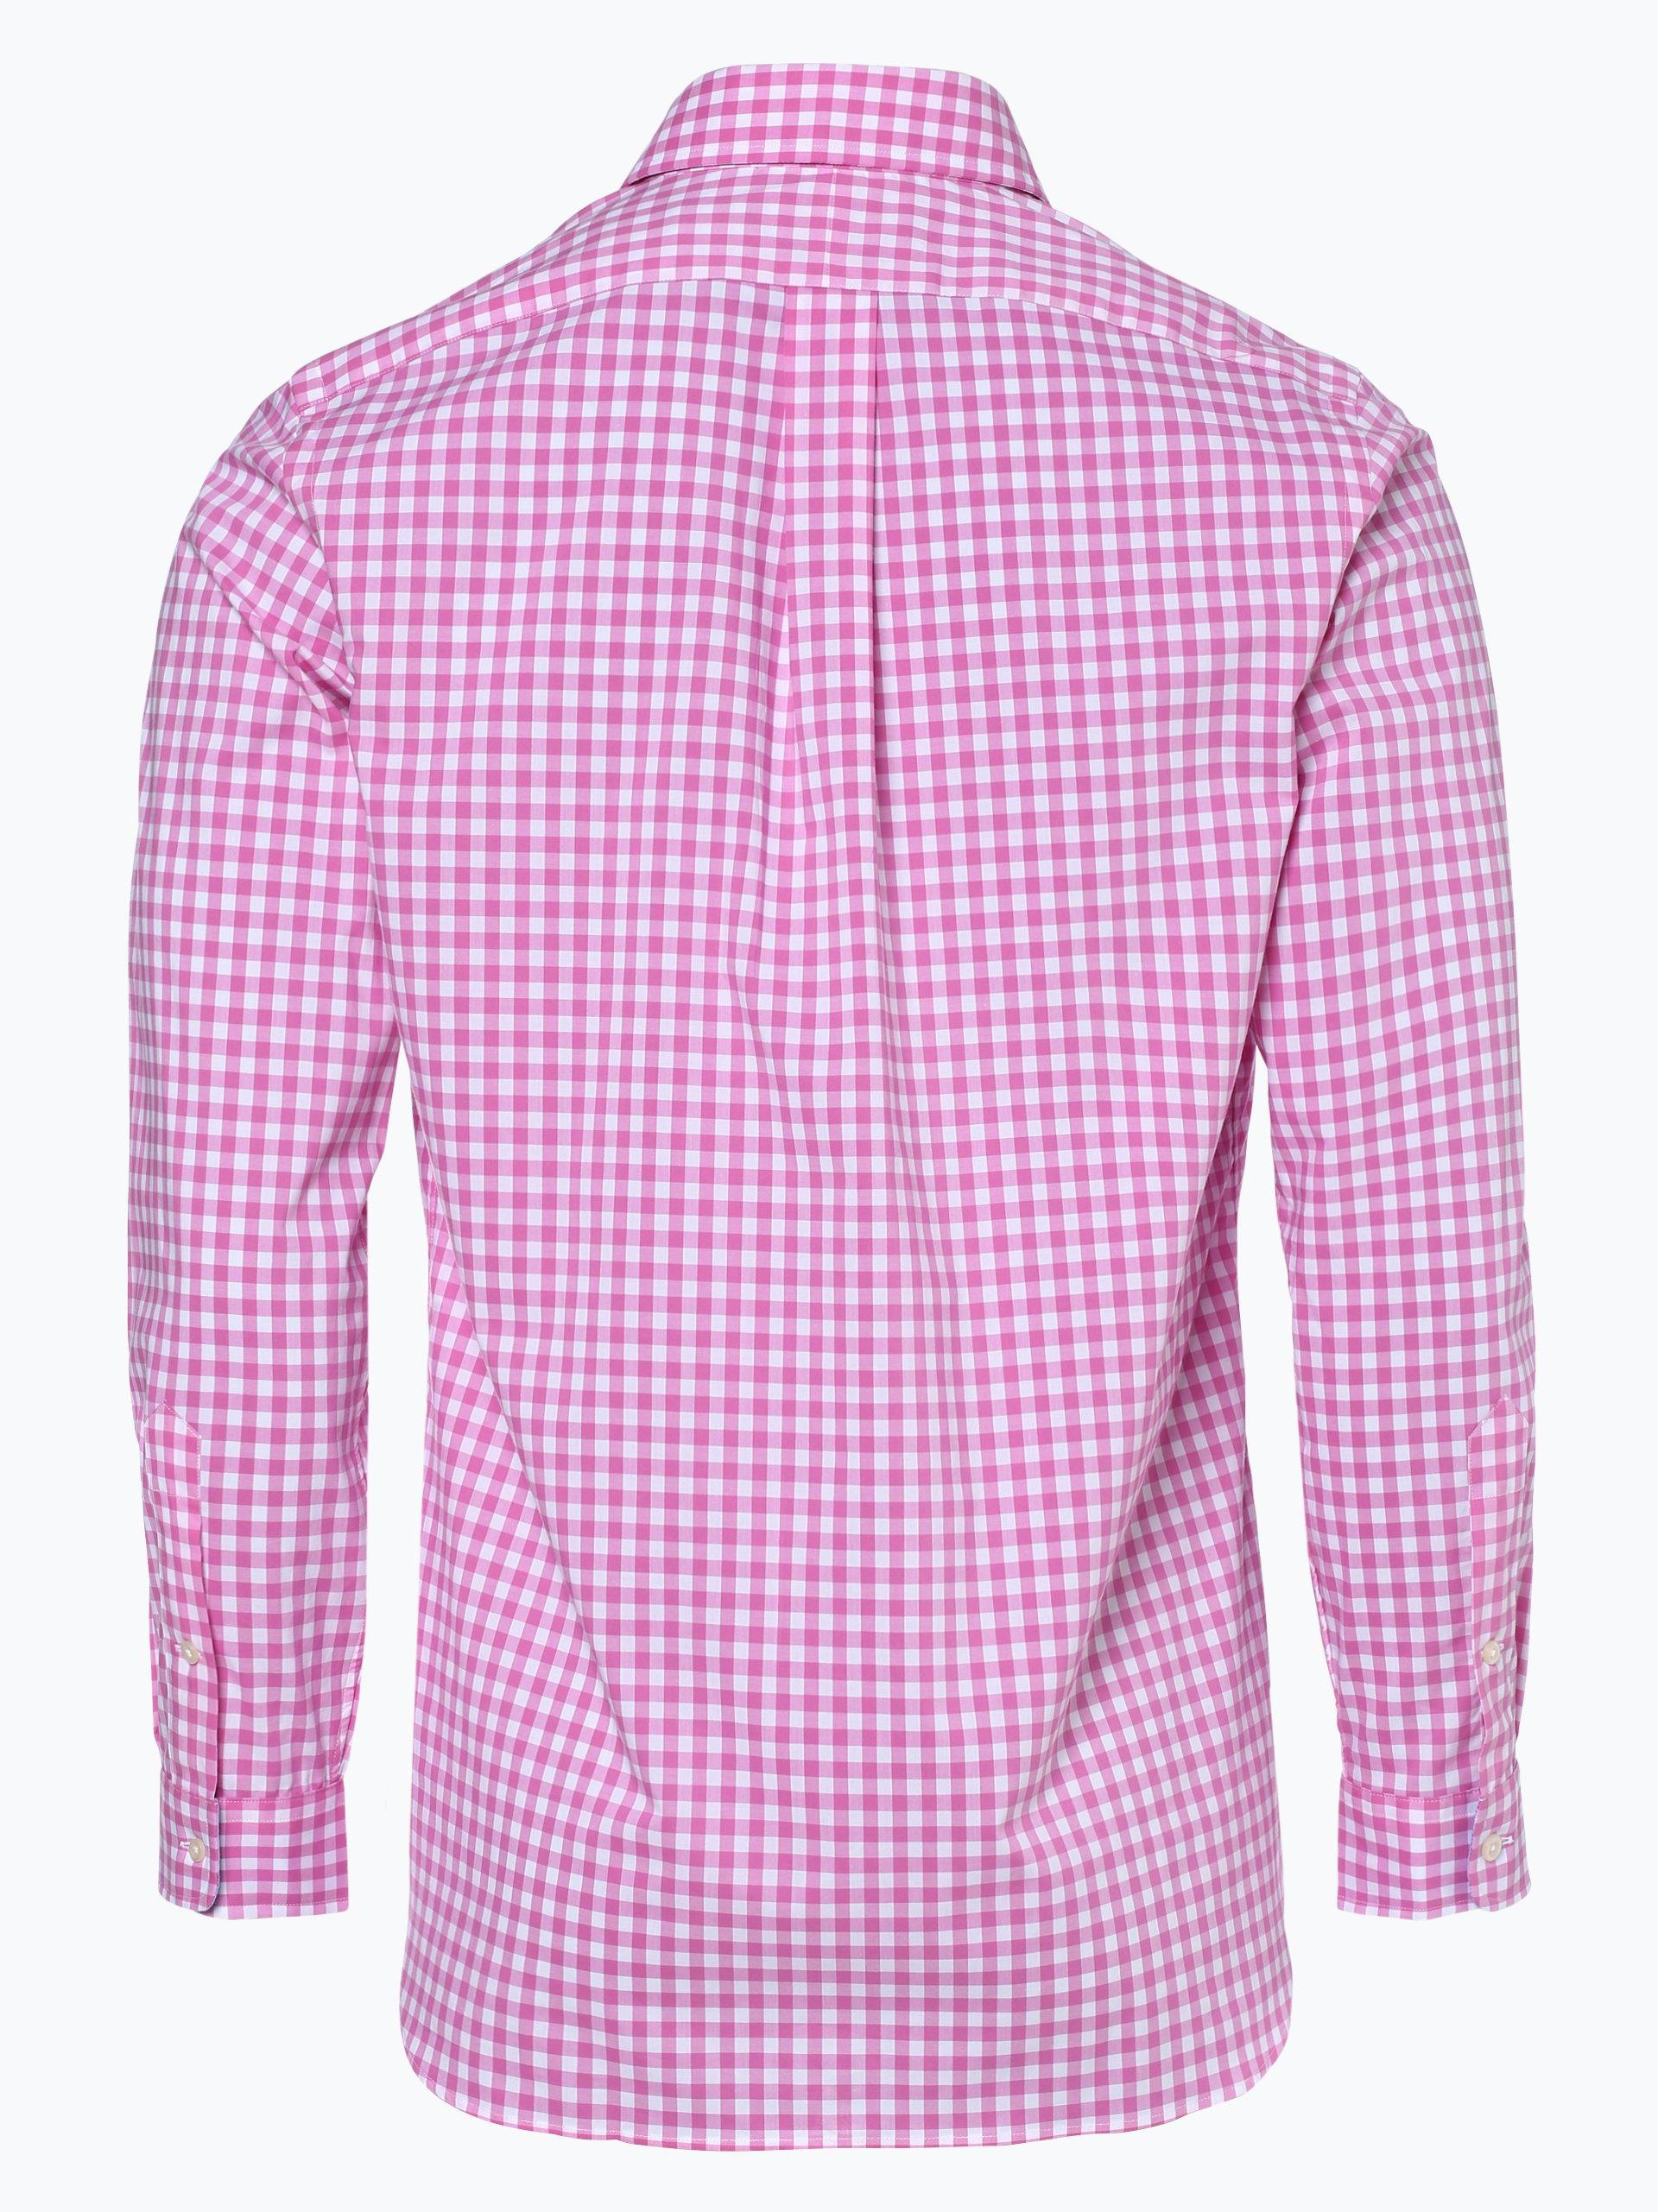 polo ralph lauren herren hemd rosa kariert online kaufen vangraaf com. Black Bedroom Furniture Sets. Home Design Ideas